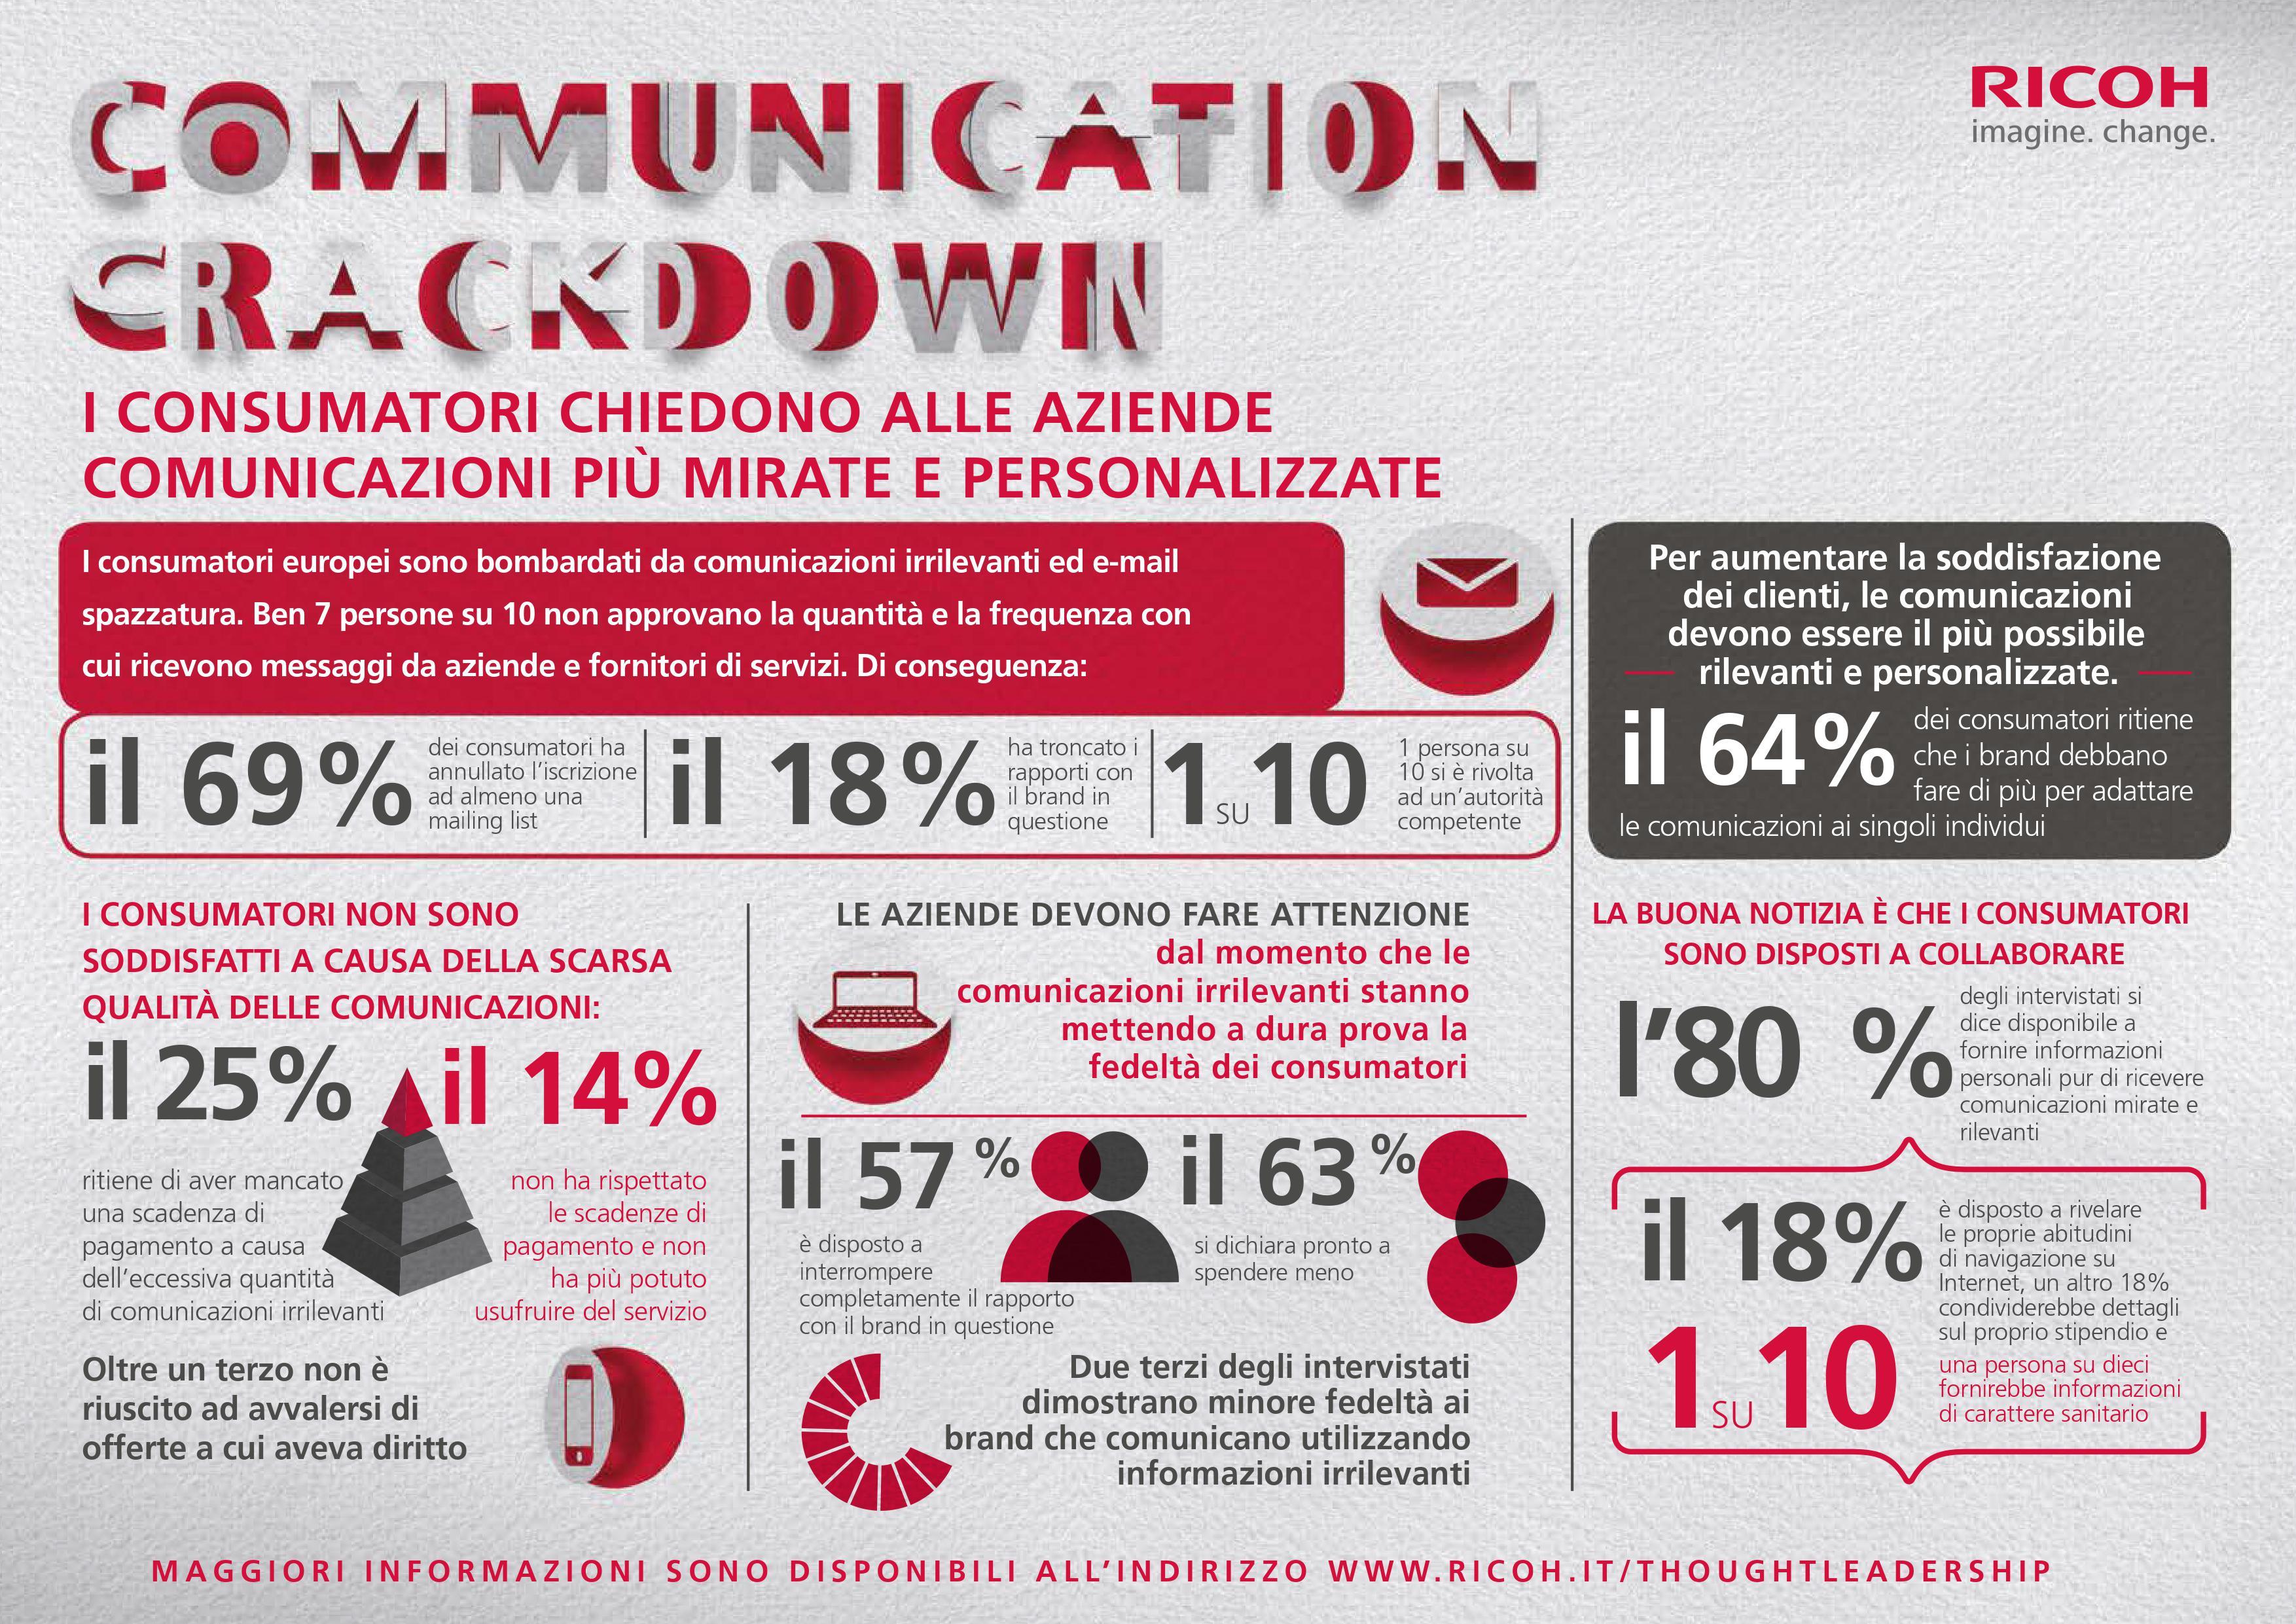 I clienti vogliono comunicazioni personalizzate